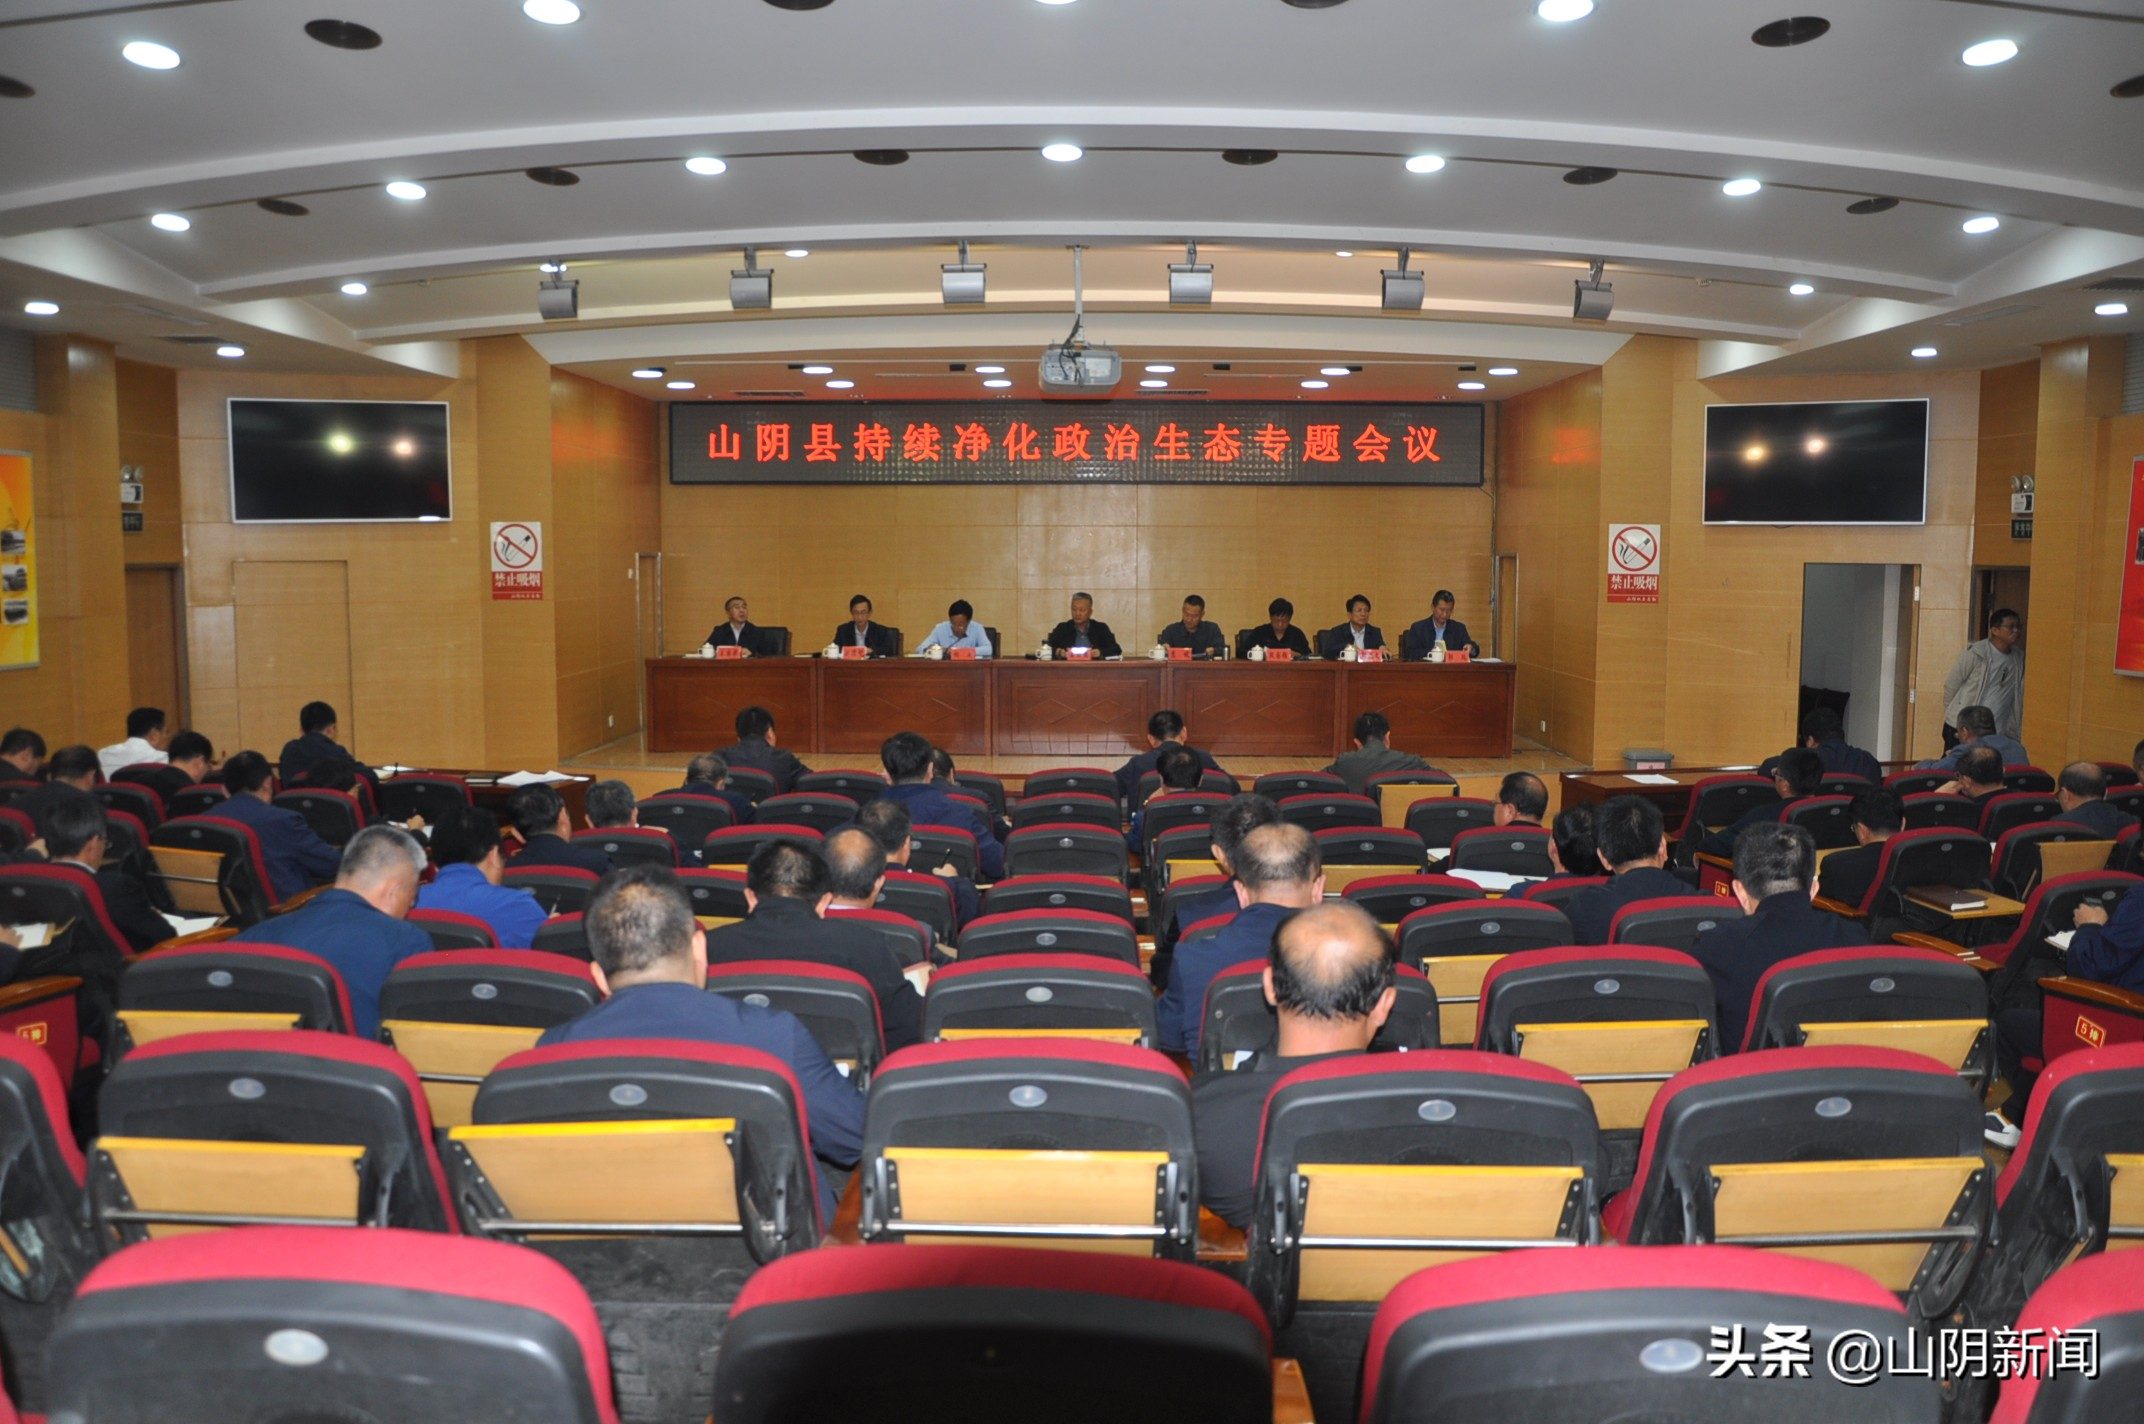 山陰縣召開持續凈化政治生態專題會議